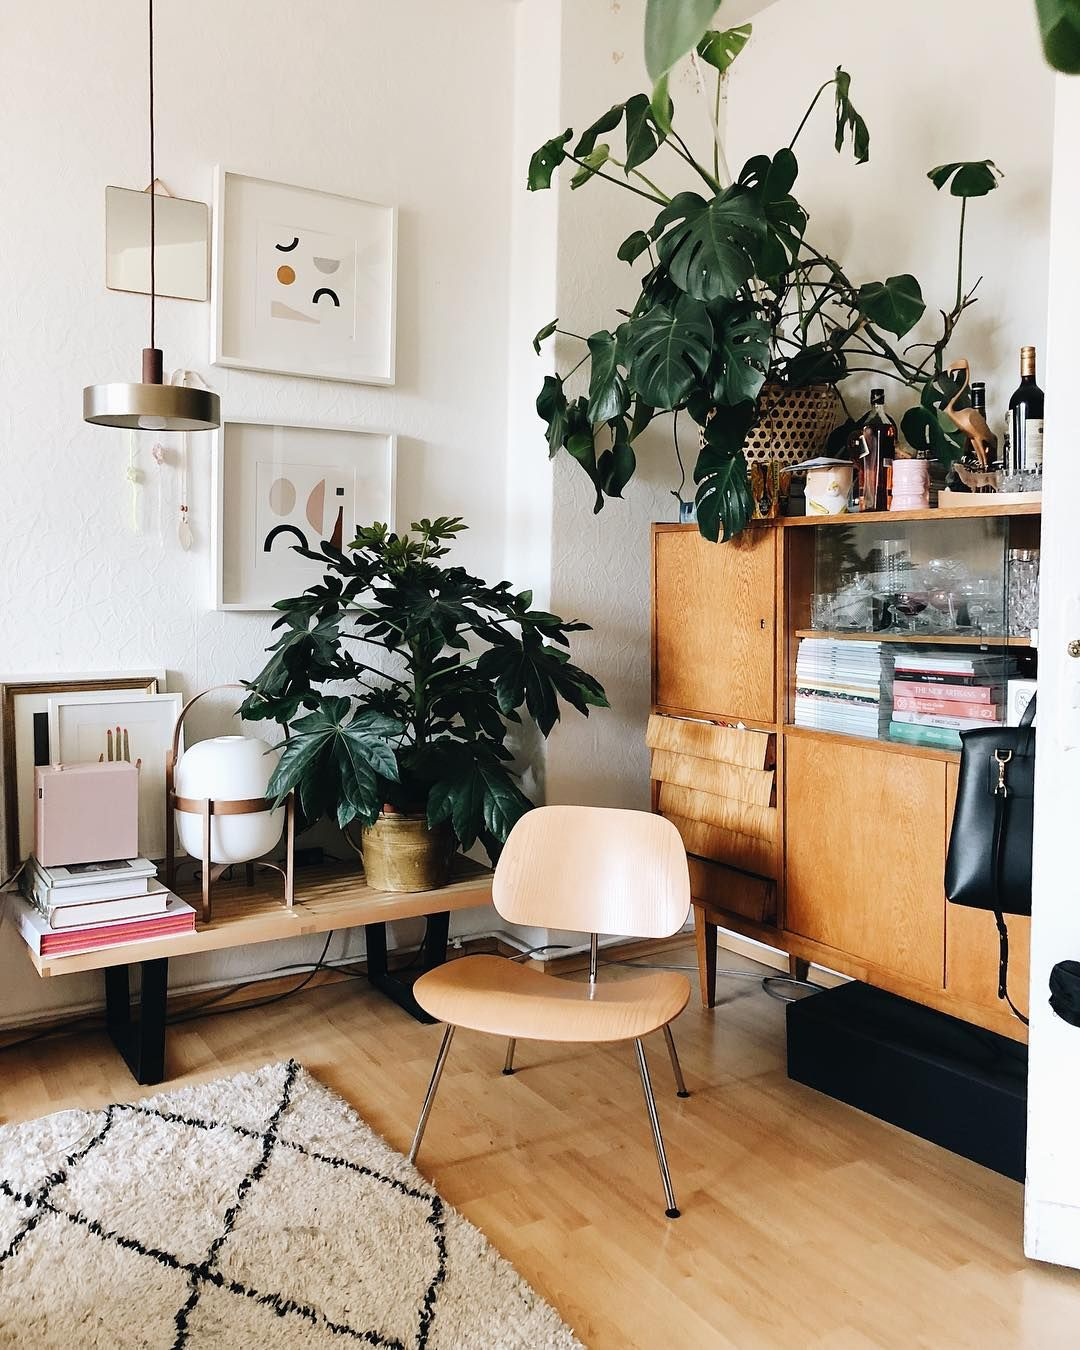 Home Decor Interior Design House Decoration Apartment